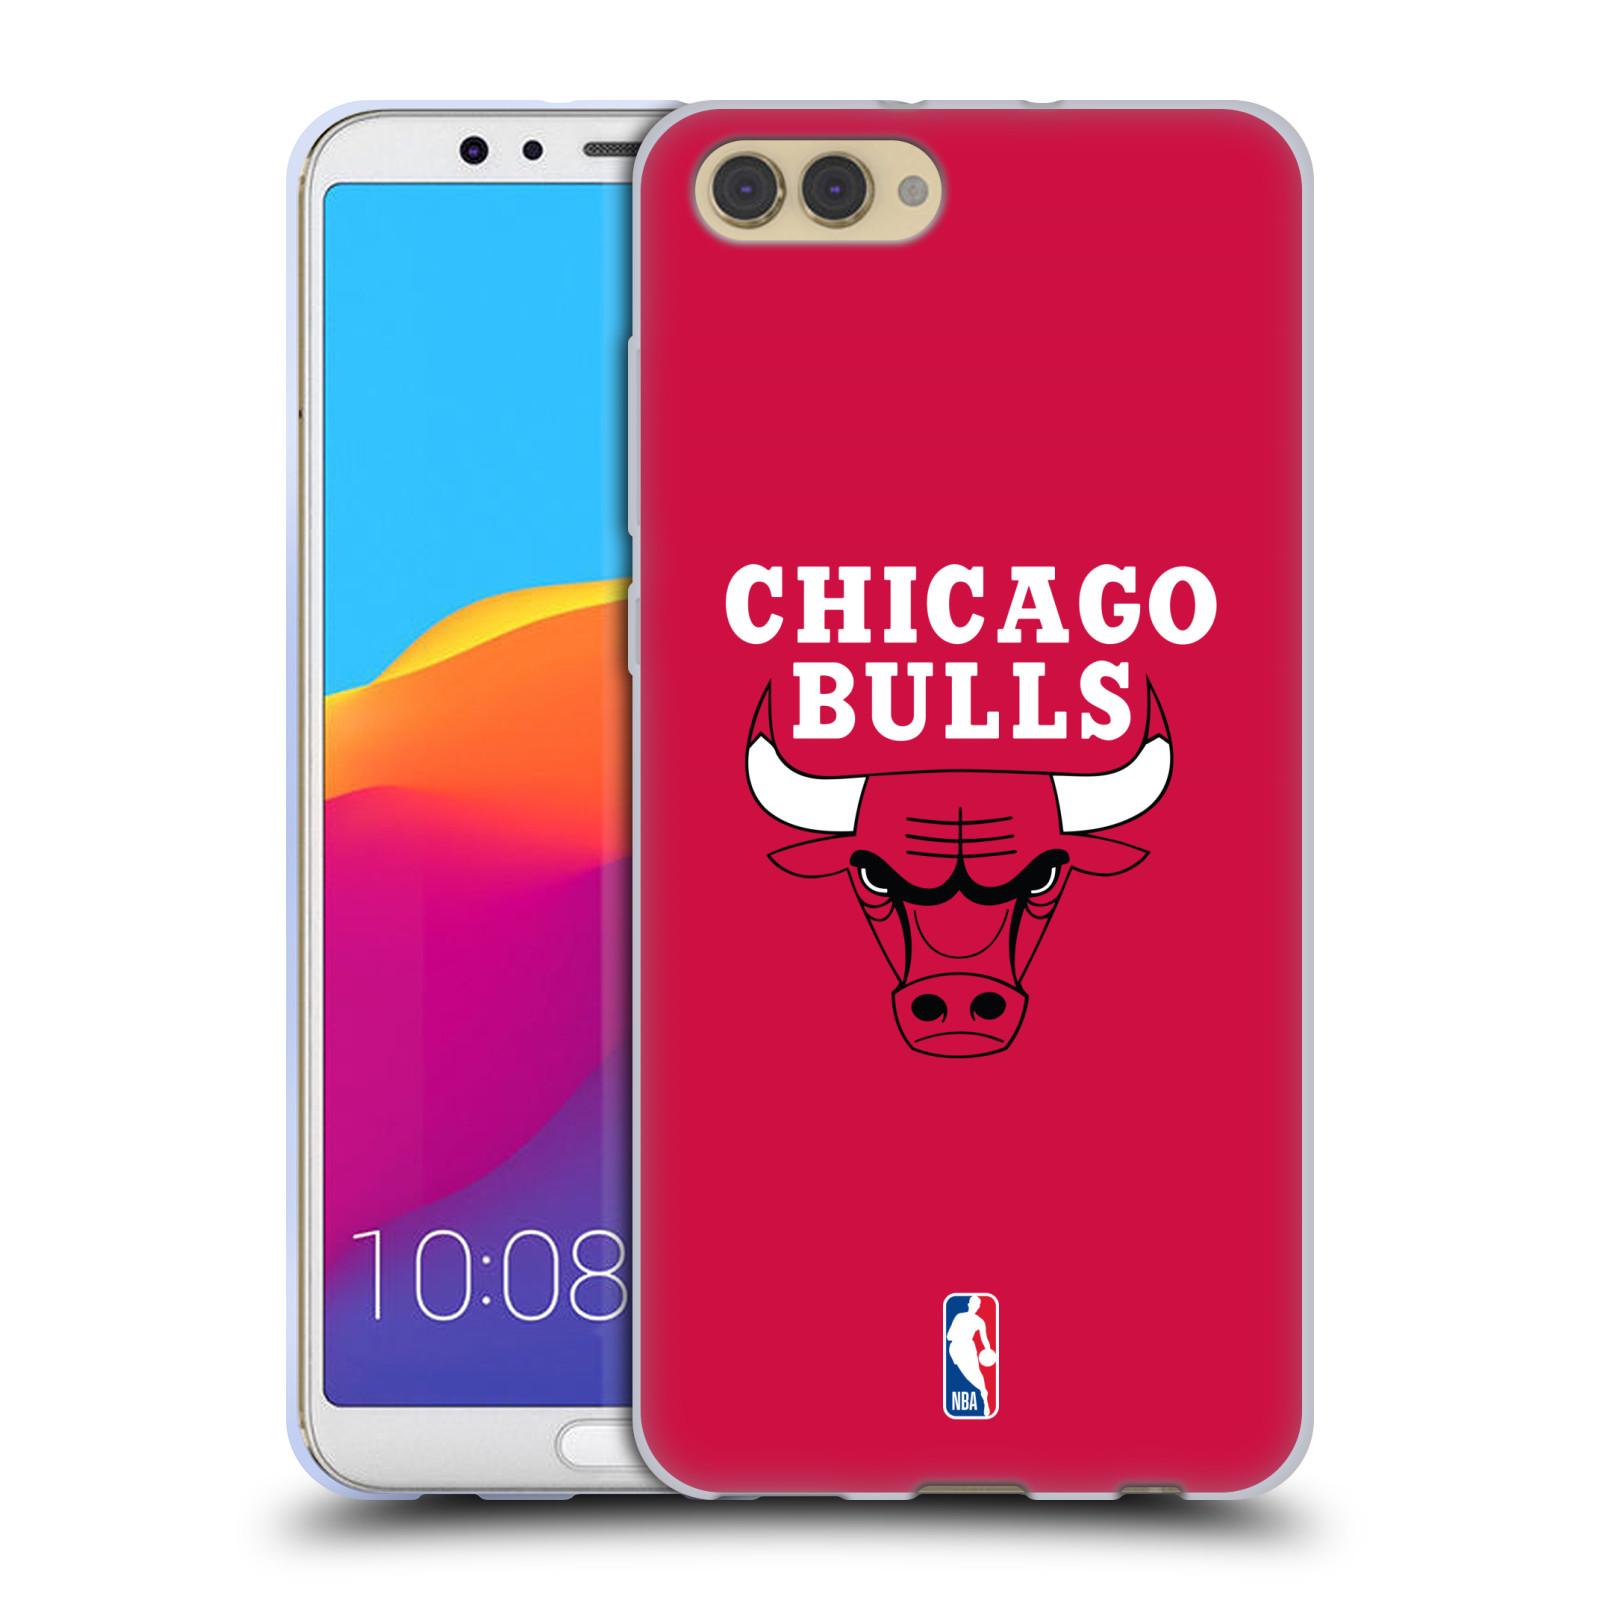 HEAD CASE silikonový obal na mobil Huawei HONOR VIEW 10 / V10 NBA Basketbalový klub Chicago Bulls logo červená